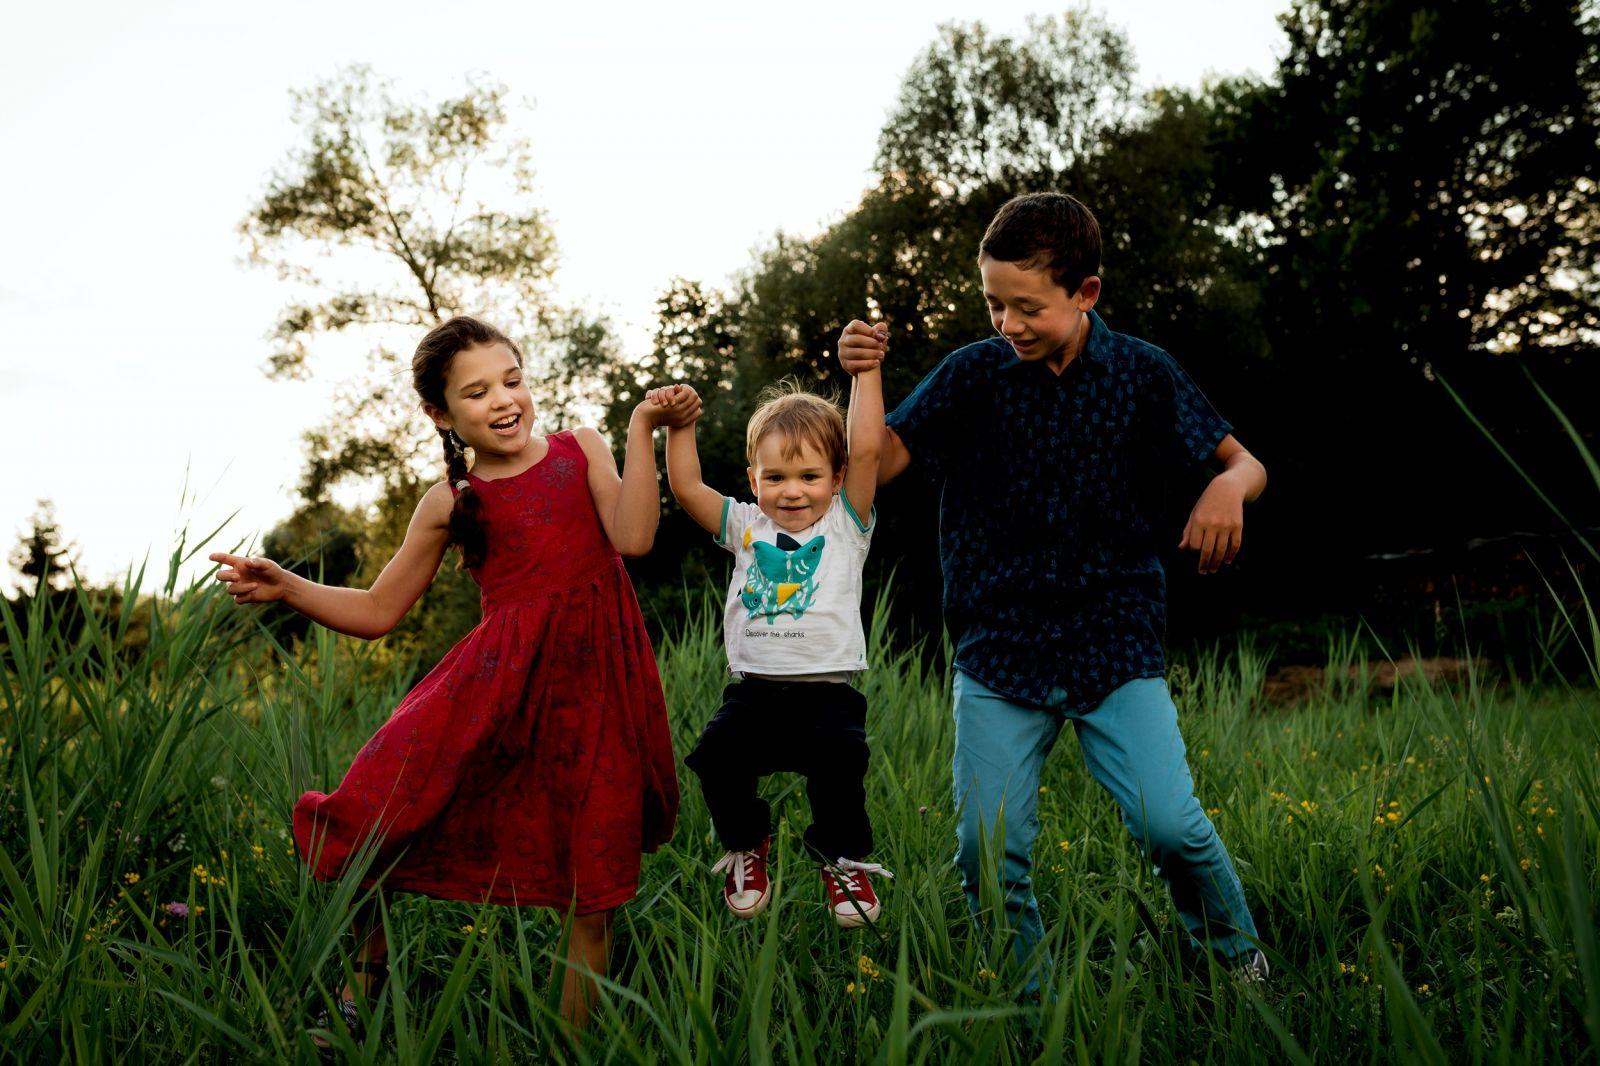 séance photos en famille enfant été champs haguenau